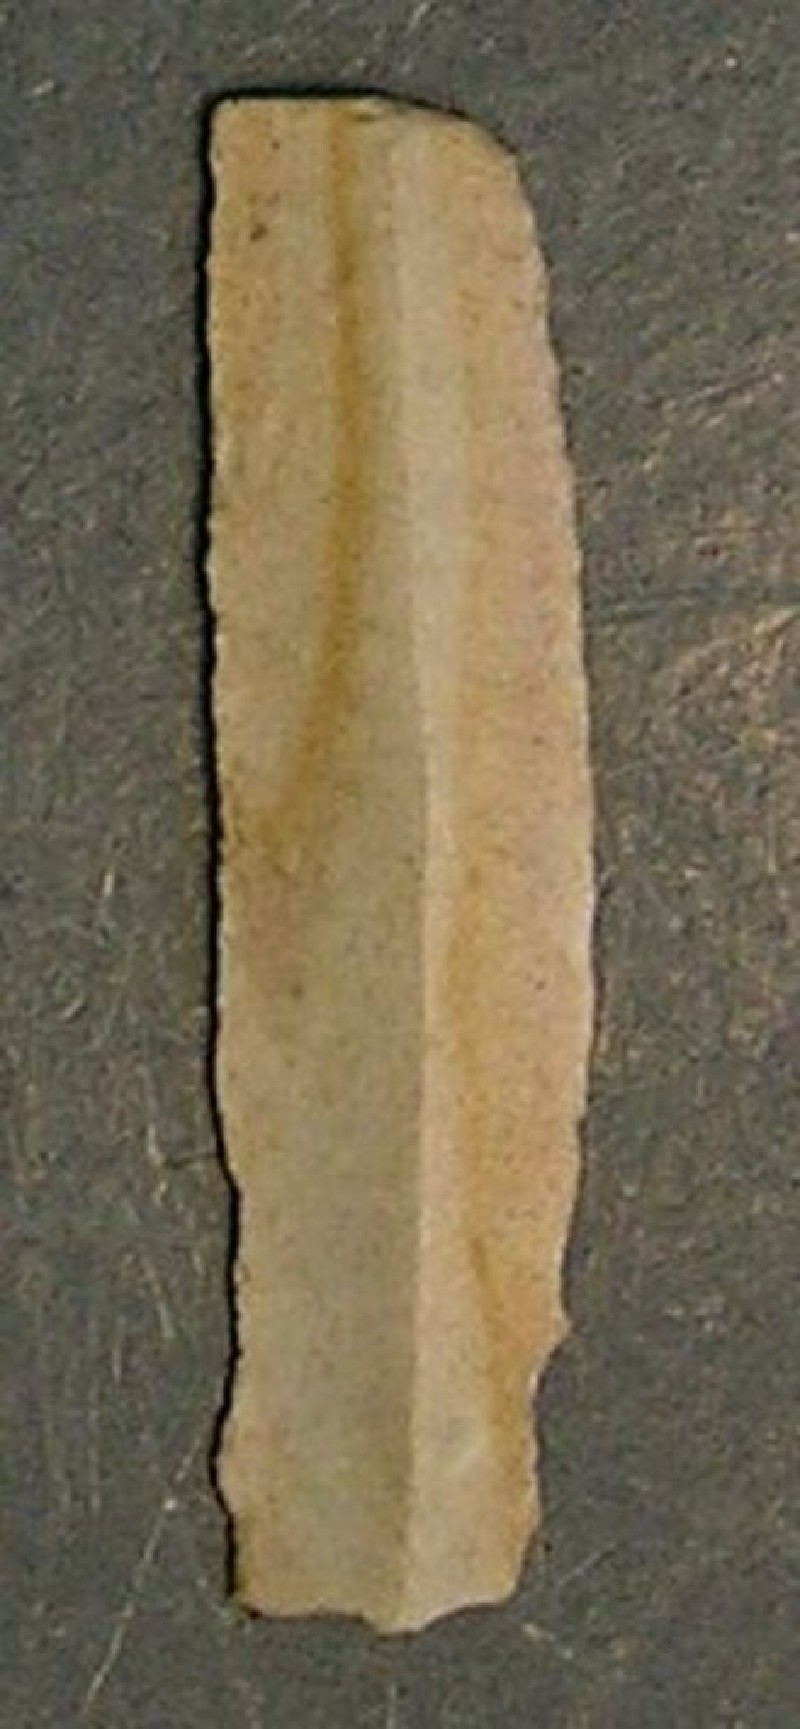 (AN1928.294.j, record shot)